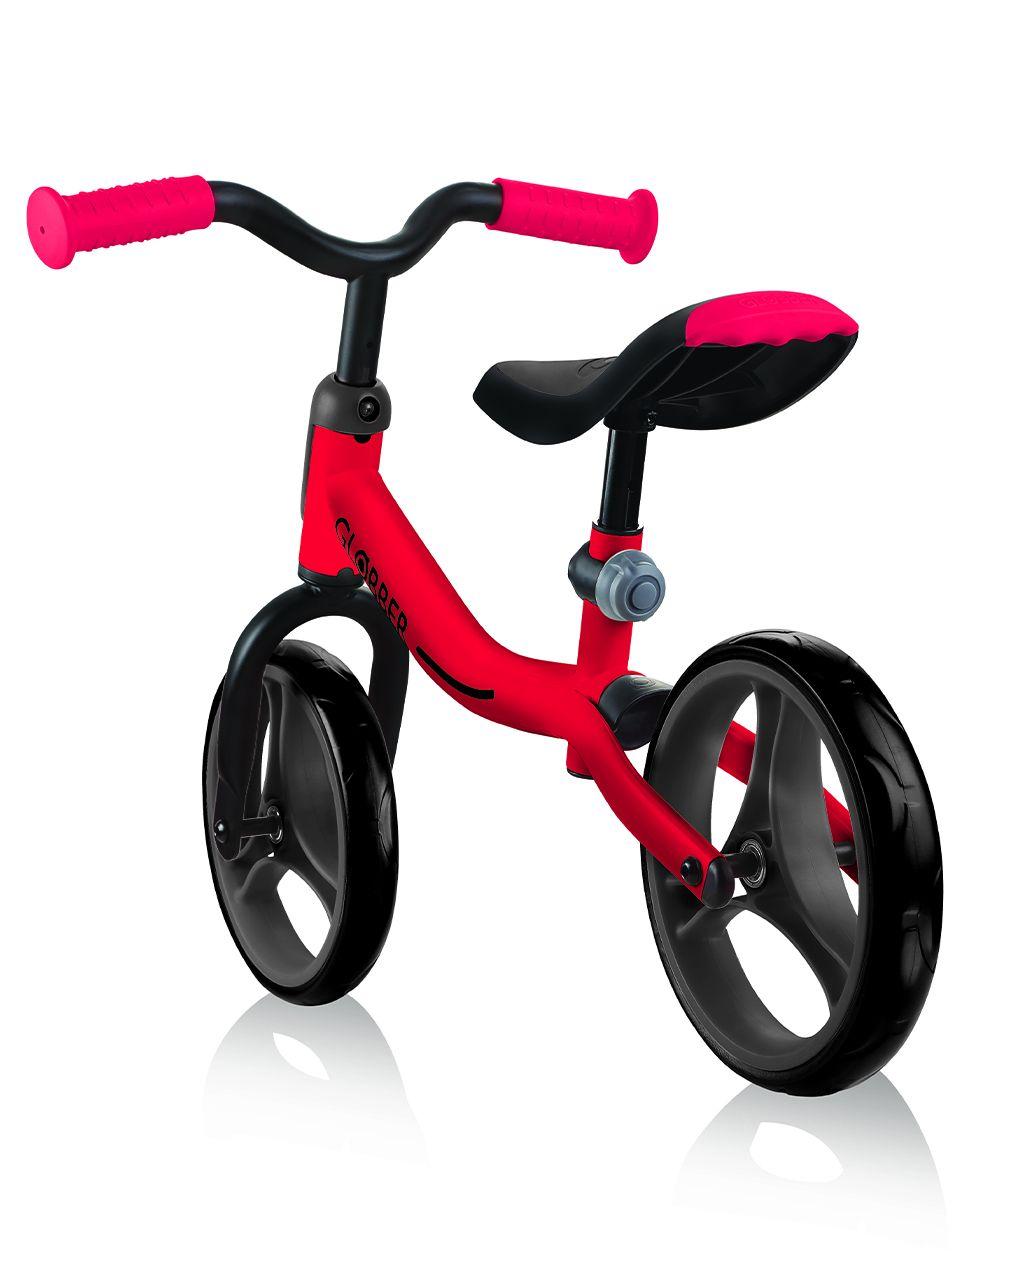 Globber - go bike - new red - Globber